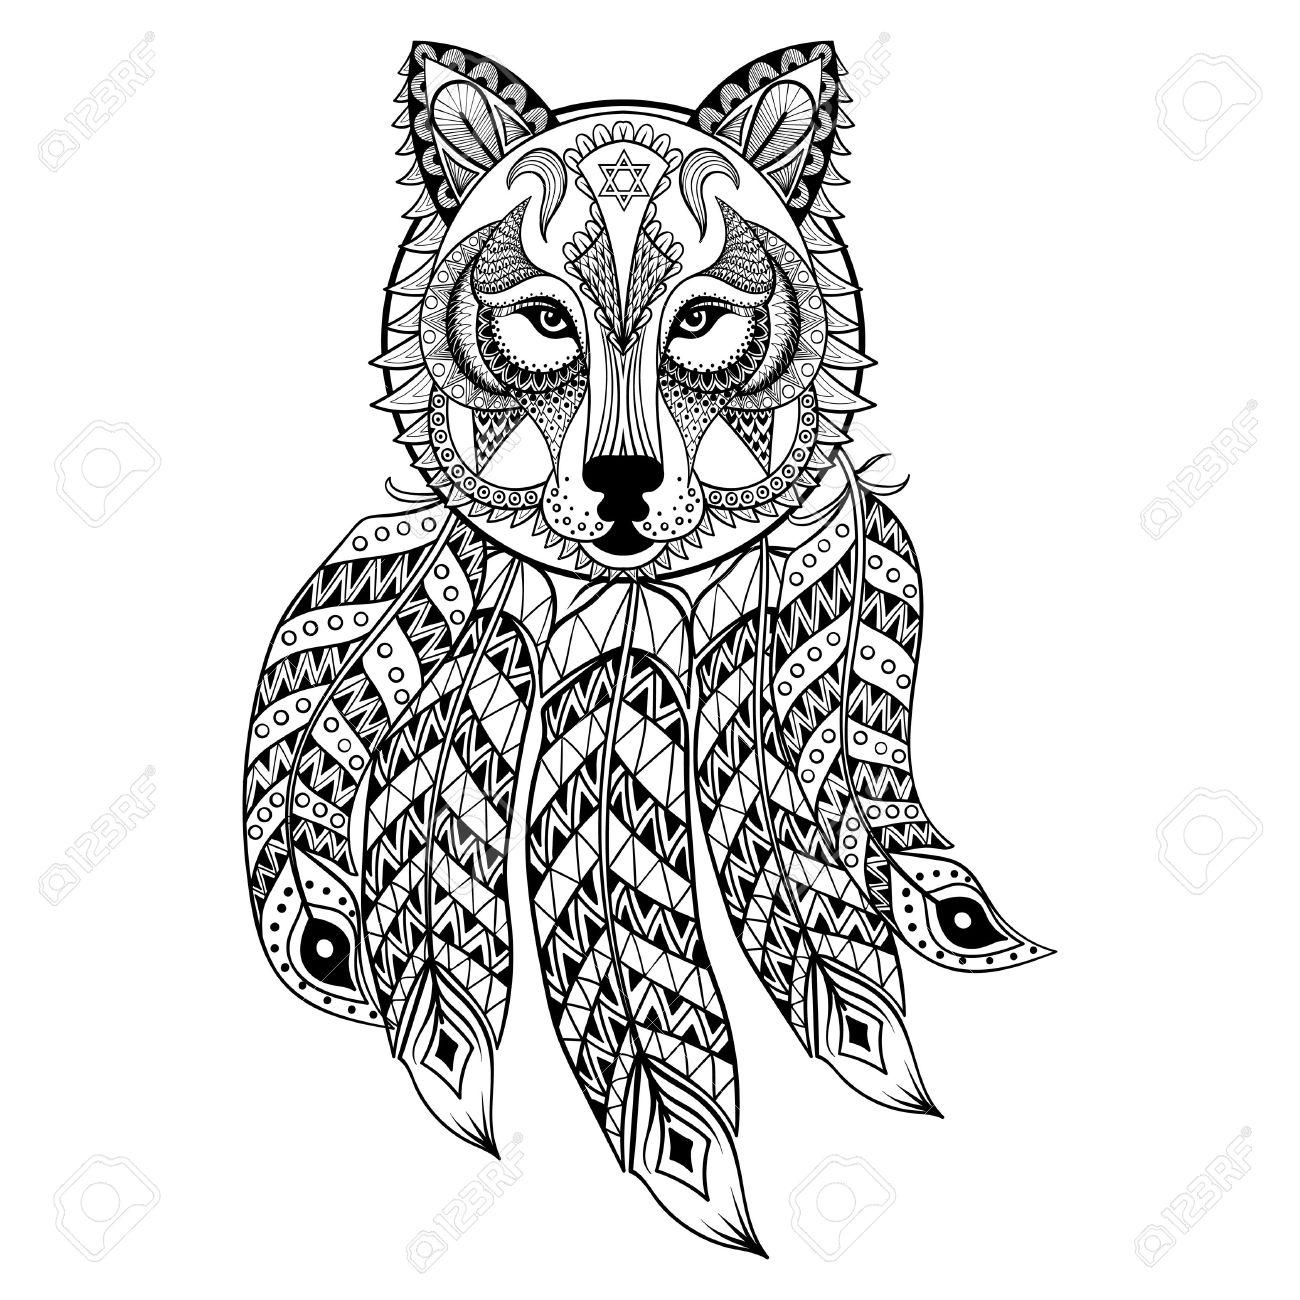 Vector Ornamental De Lobo Con Atrapasueños La Mascota Zentangled étnica Amuleto Máscara De Hombre Lobo Animal Con Dibujos De Las Páginas Para